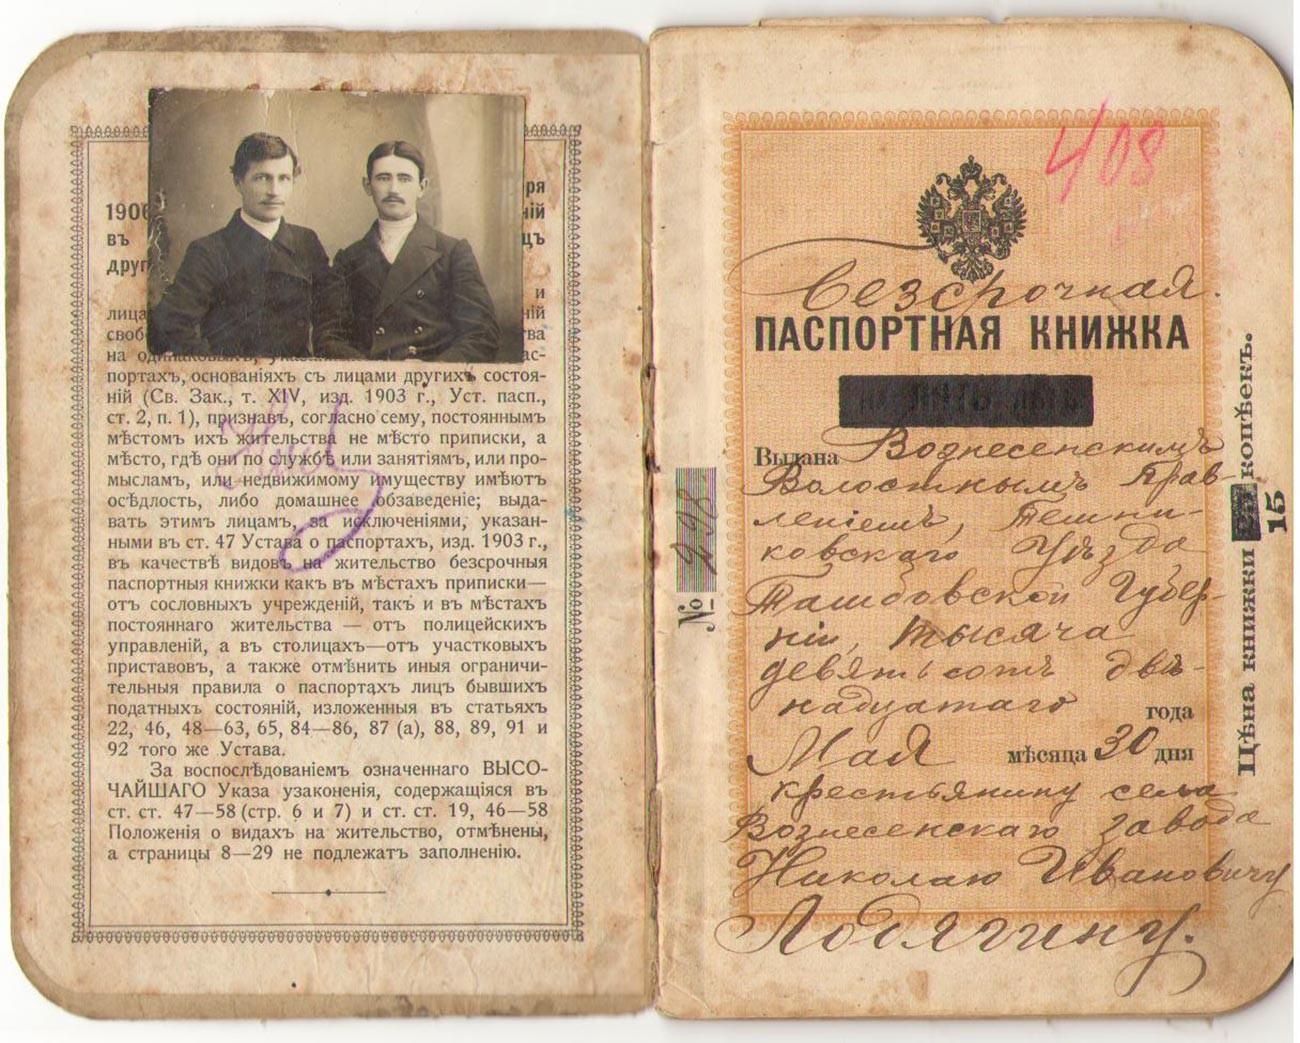 Un passaporto dell'Impero russo